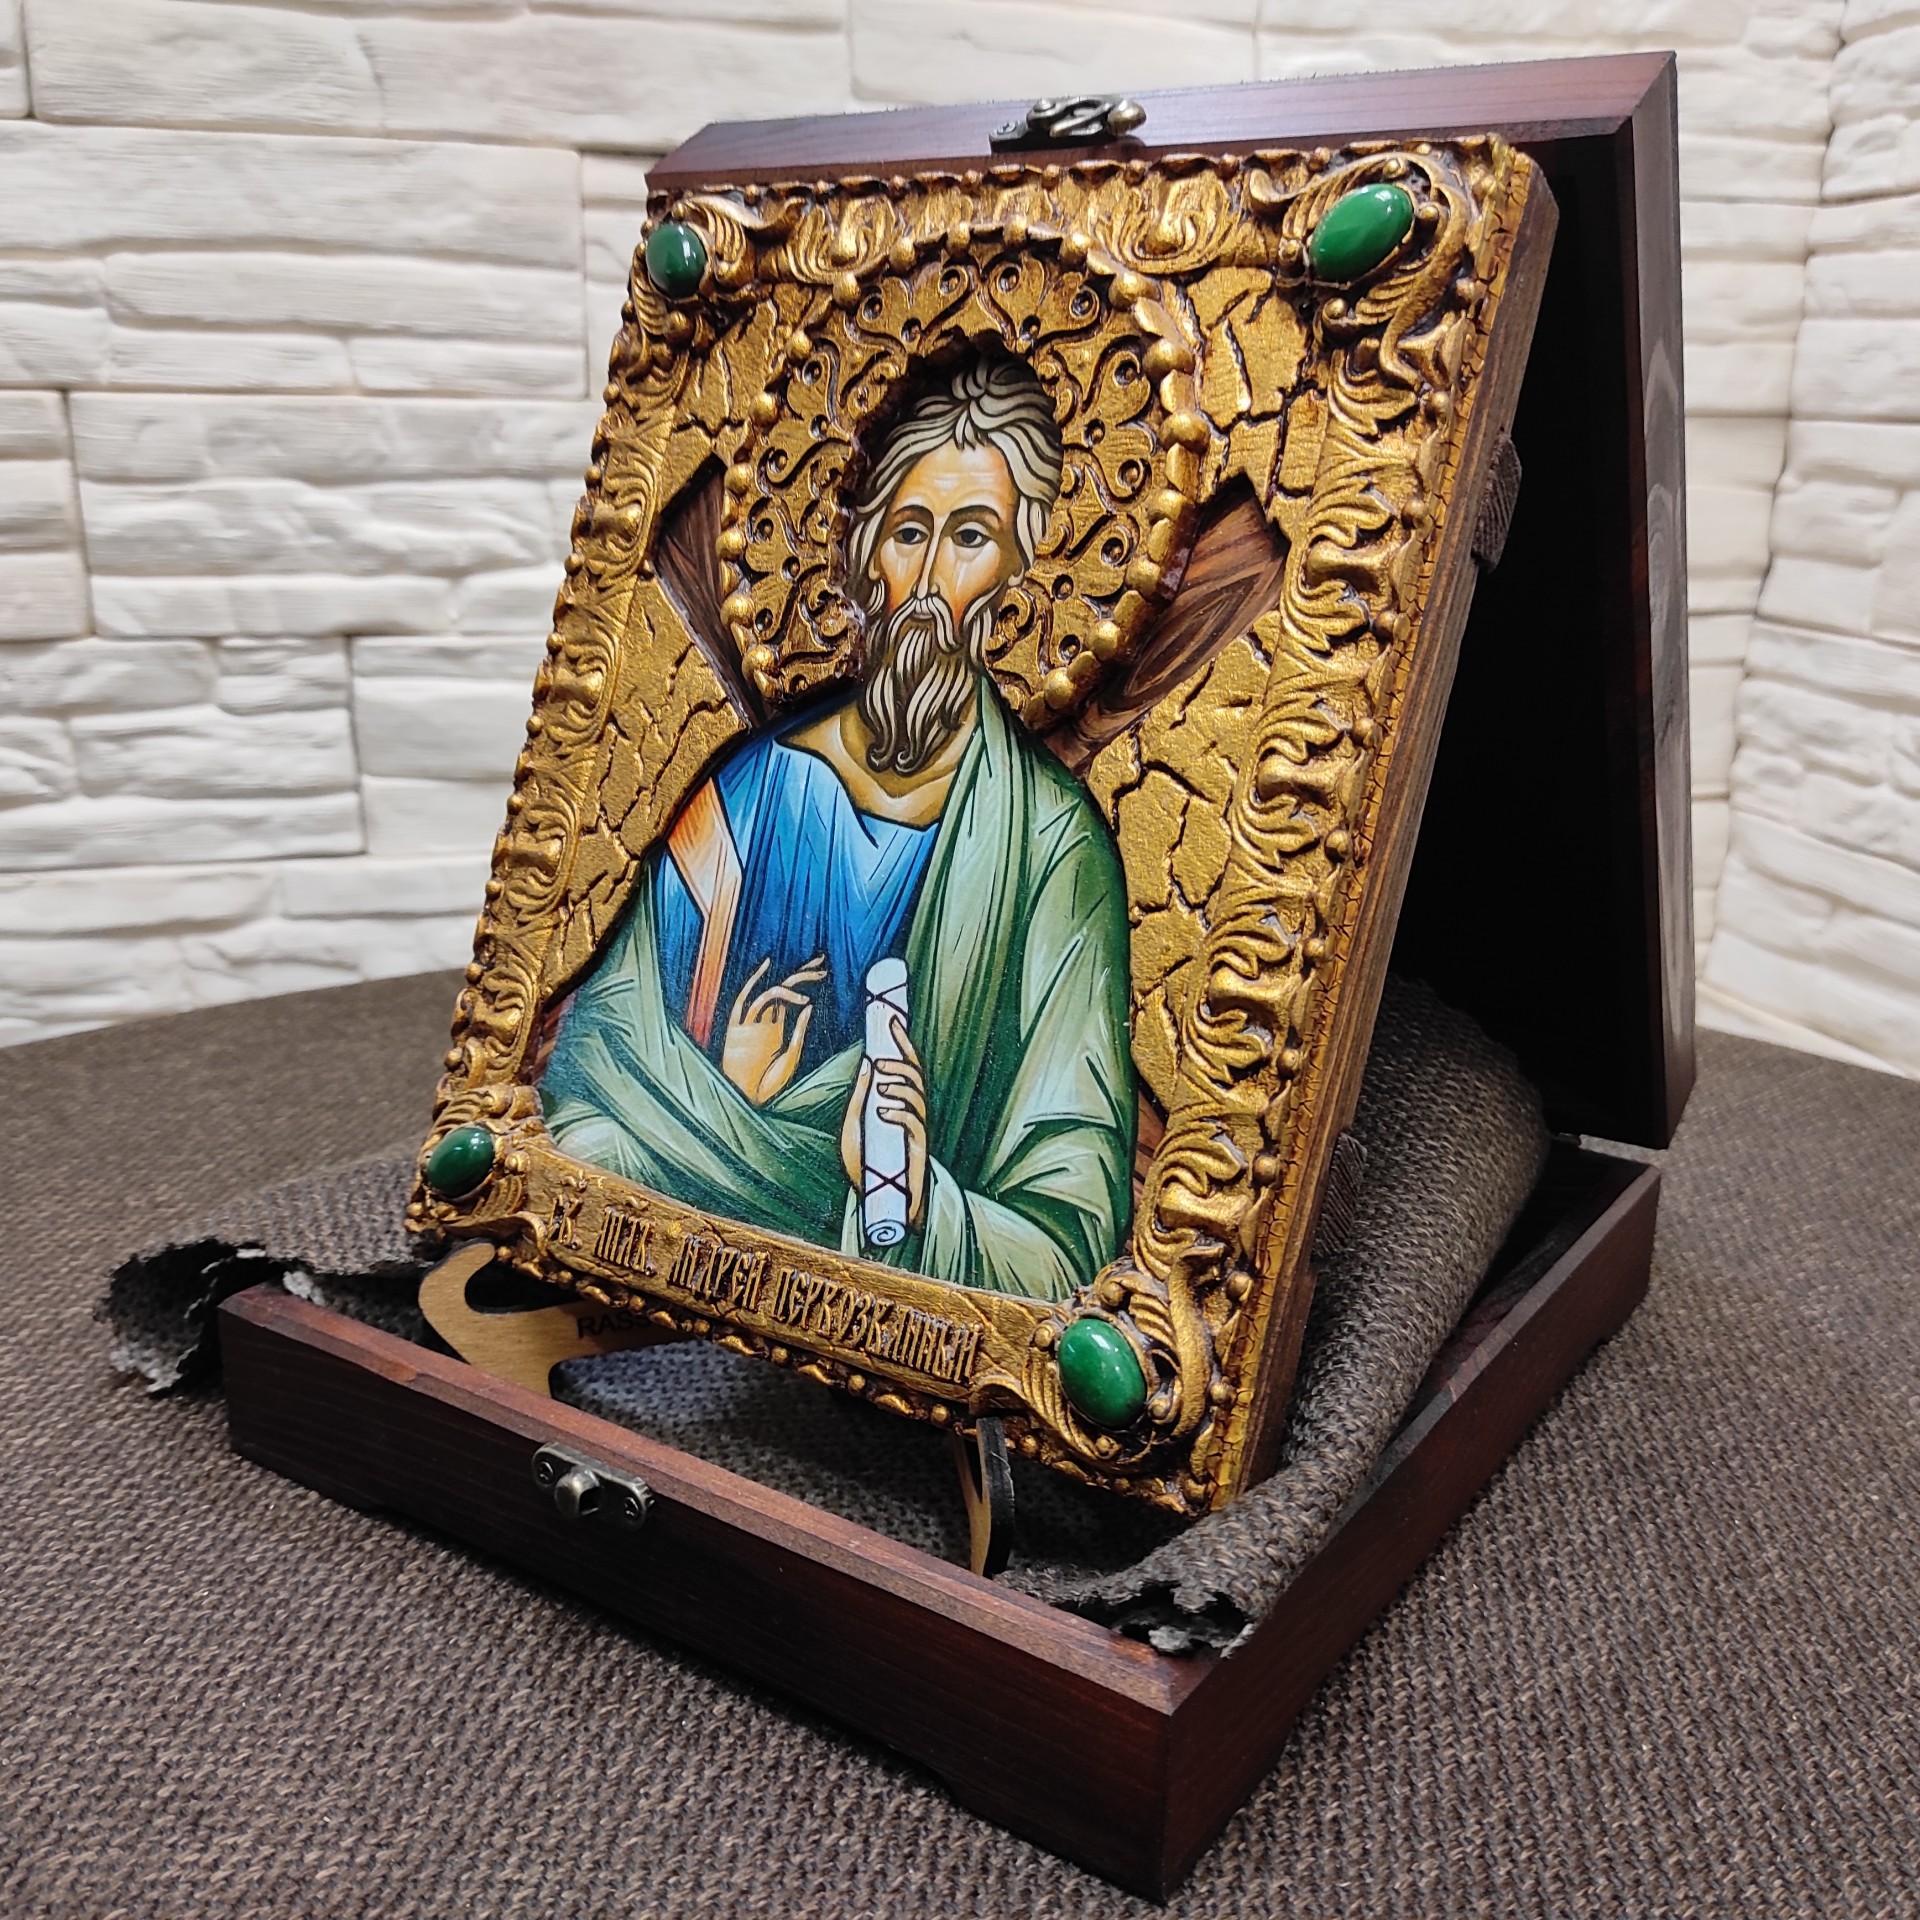 Фото именной иконы святого апостола Андрея Первозванного с камнями на подставке в футляре сбоку